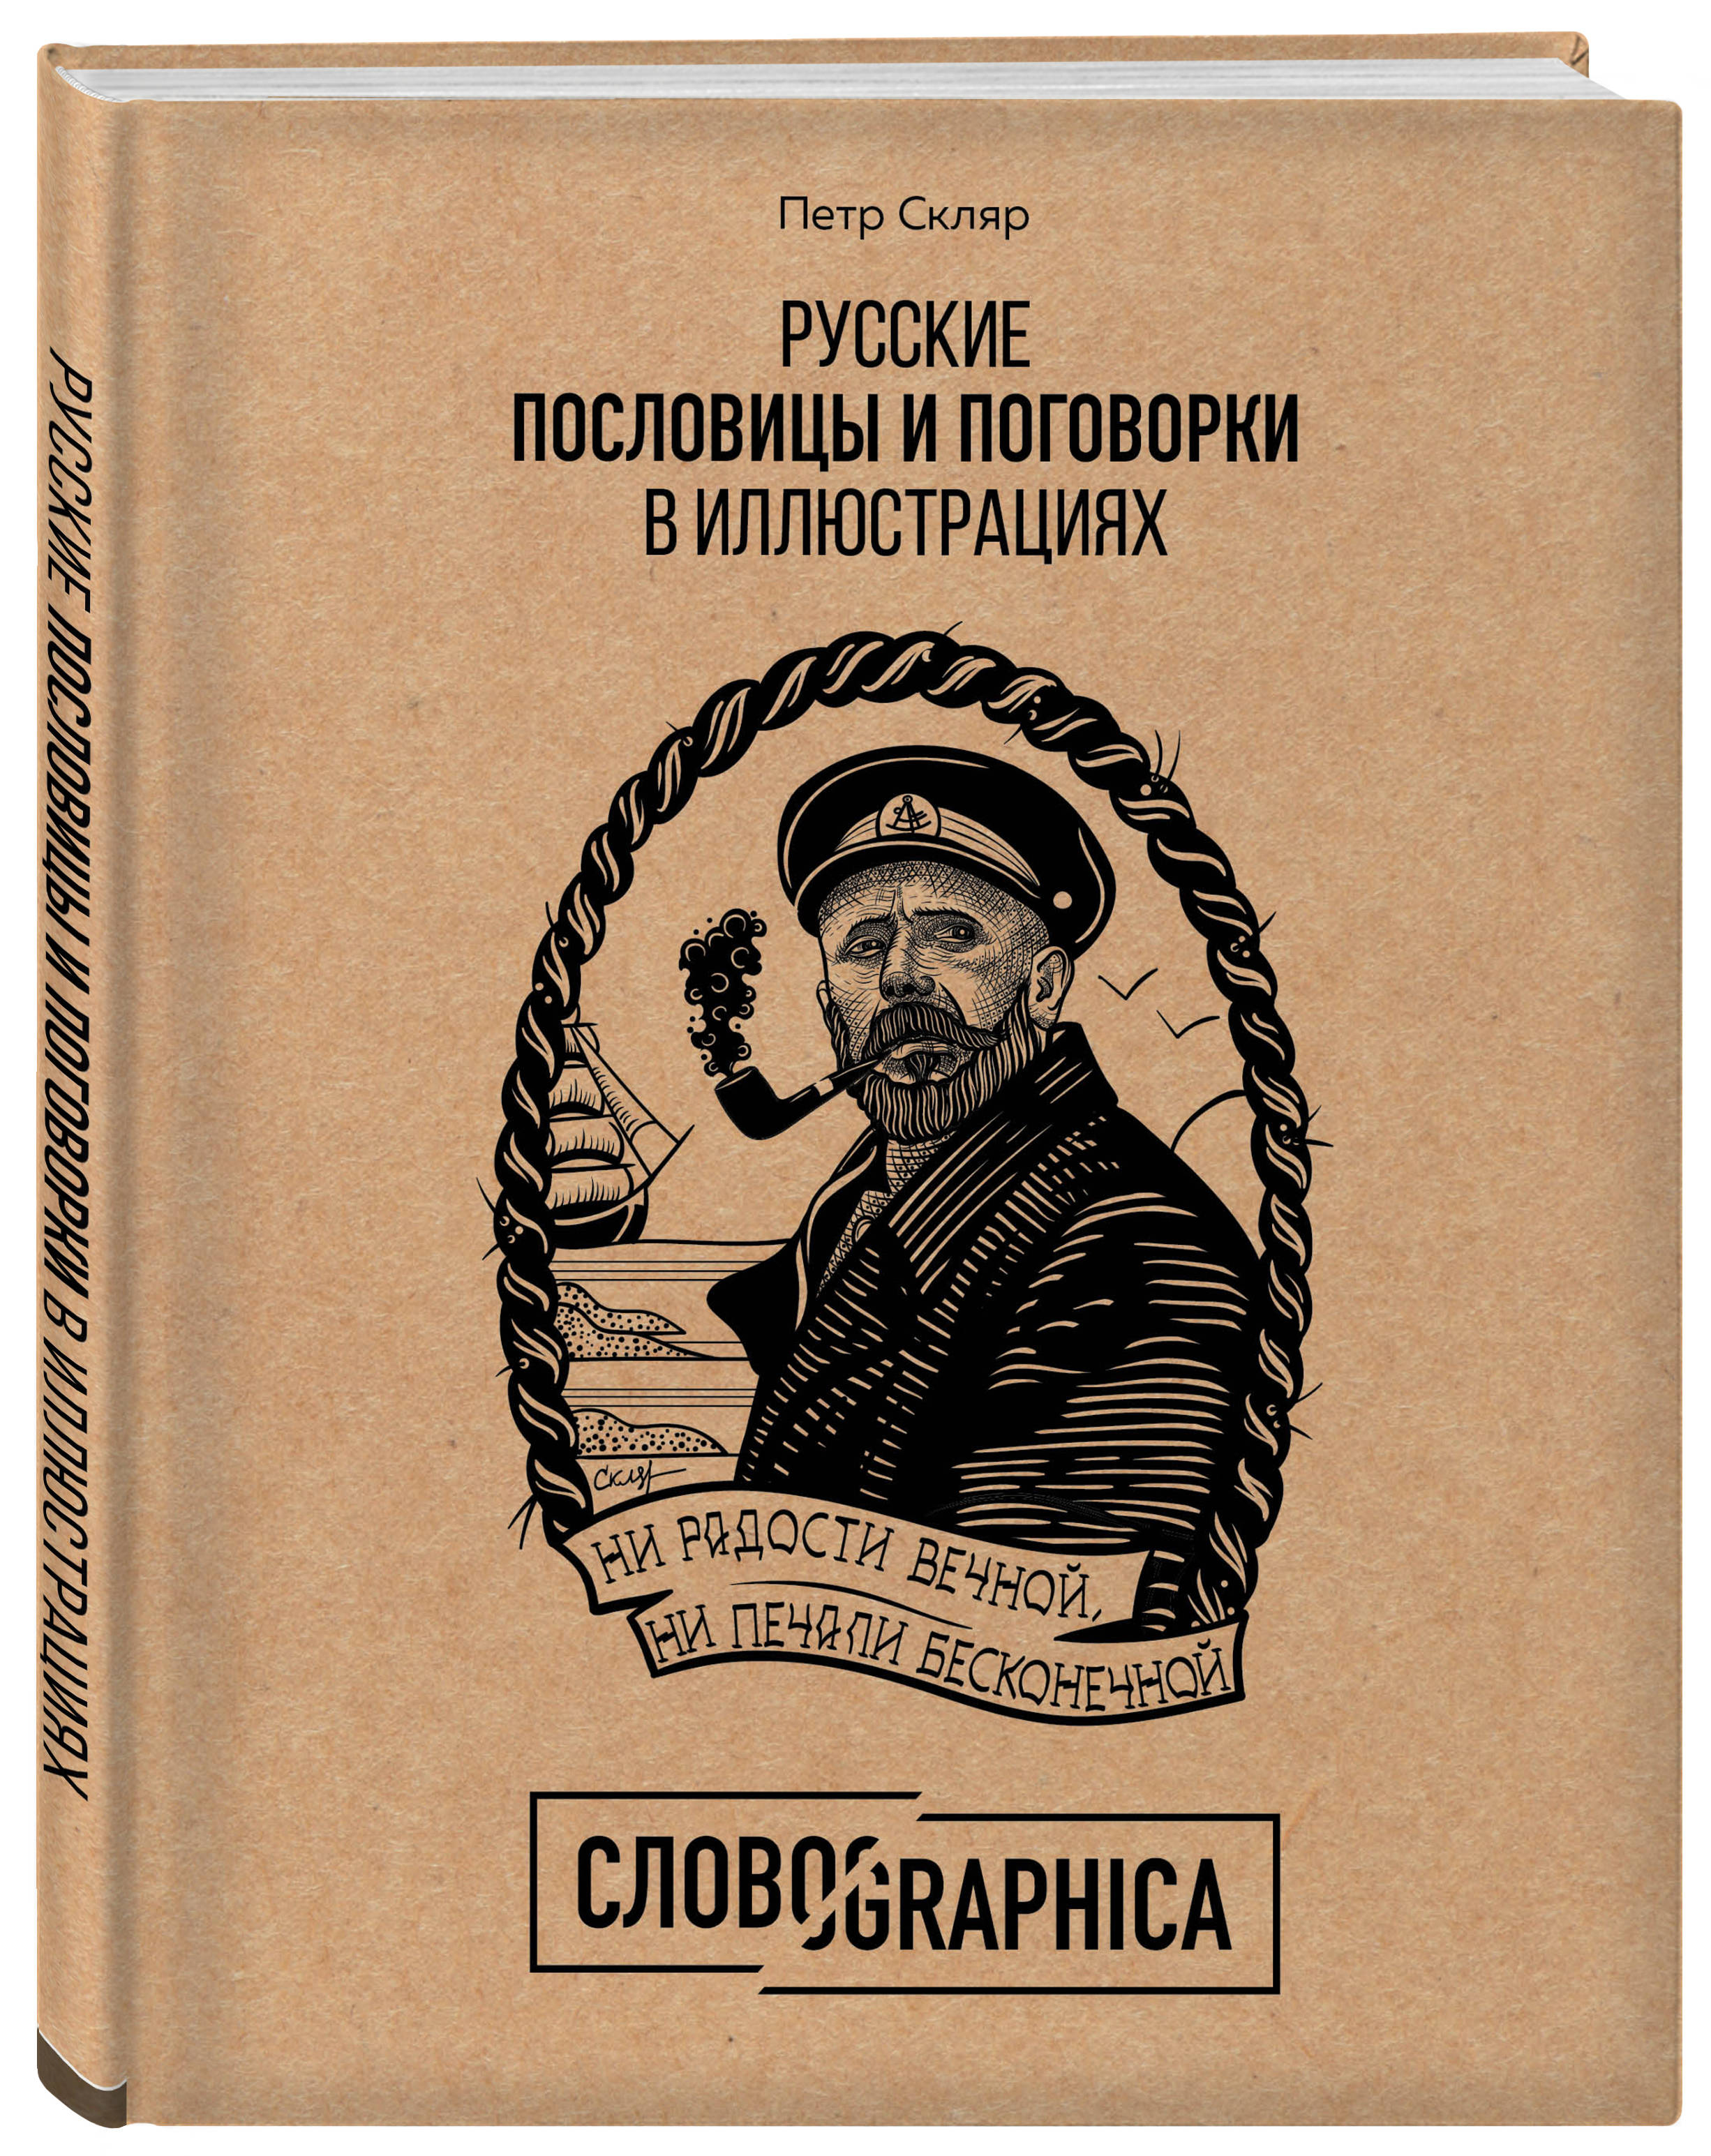 Русские пословицы и поговорки в иллюстрациях. История и происхождение ( Петр Скляр  )